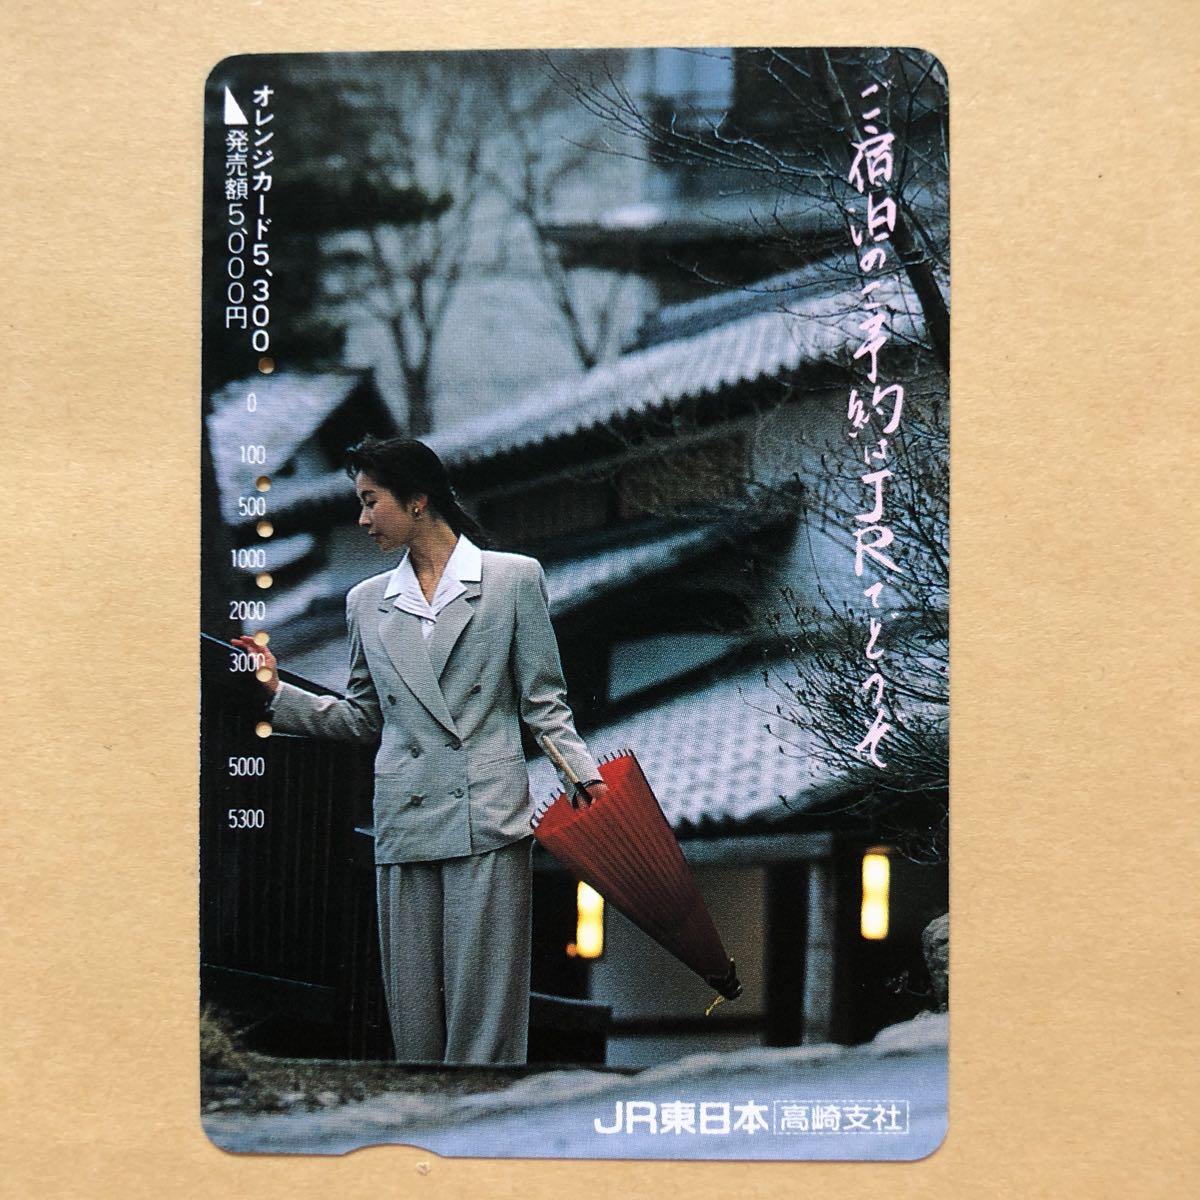 【使用済】 オレンジカード JR東日本 ご宿泊のご予約はJRでどうぞ_画像1